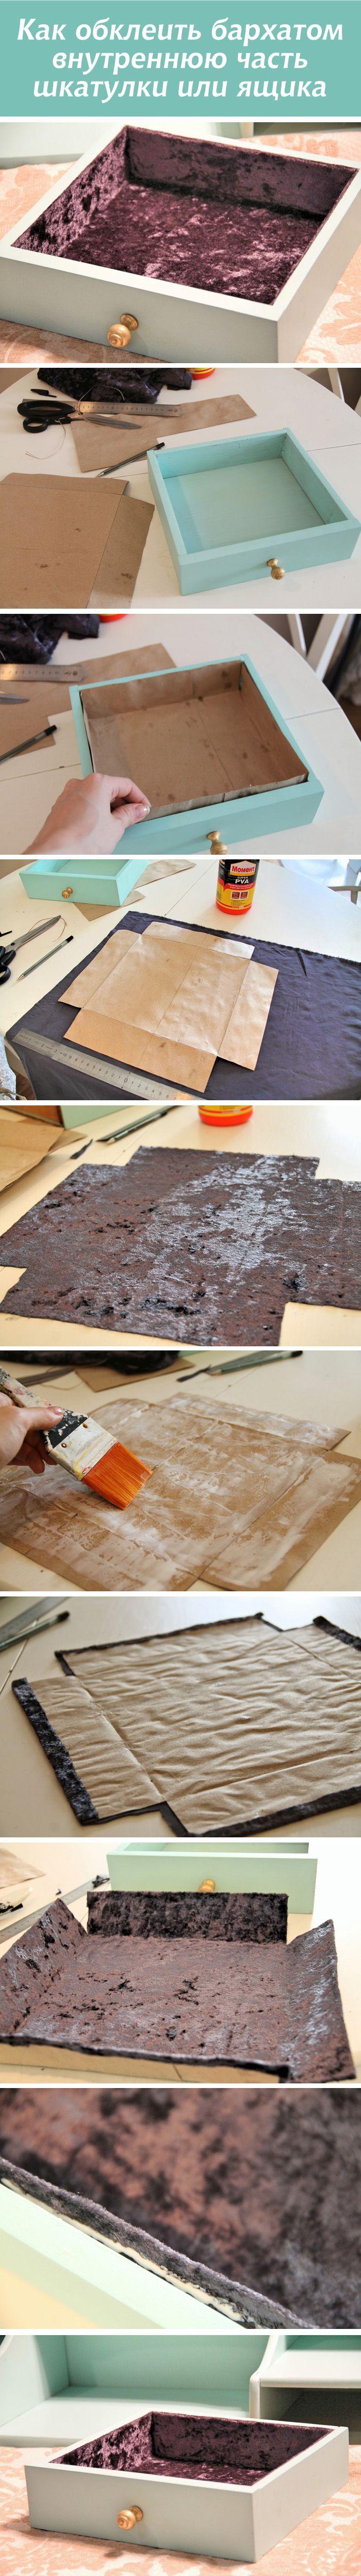 Как обклеить бархатом внутреннюю часть шкатулки или ящика